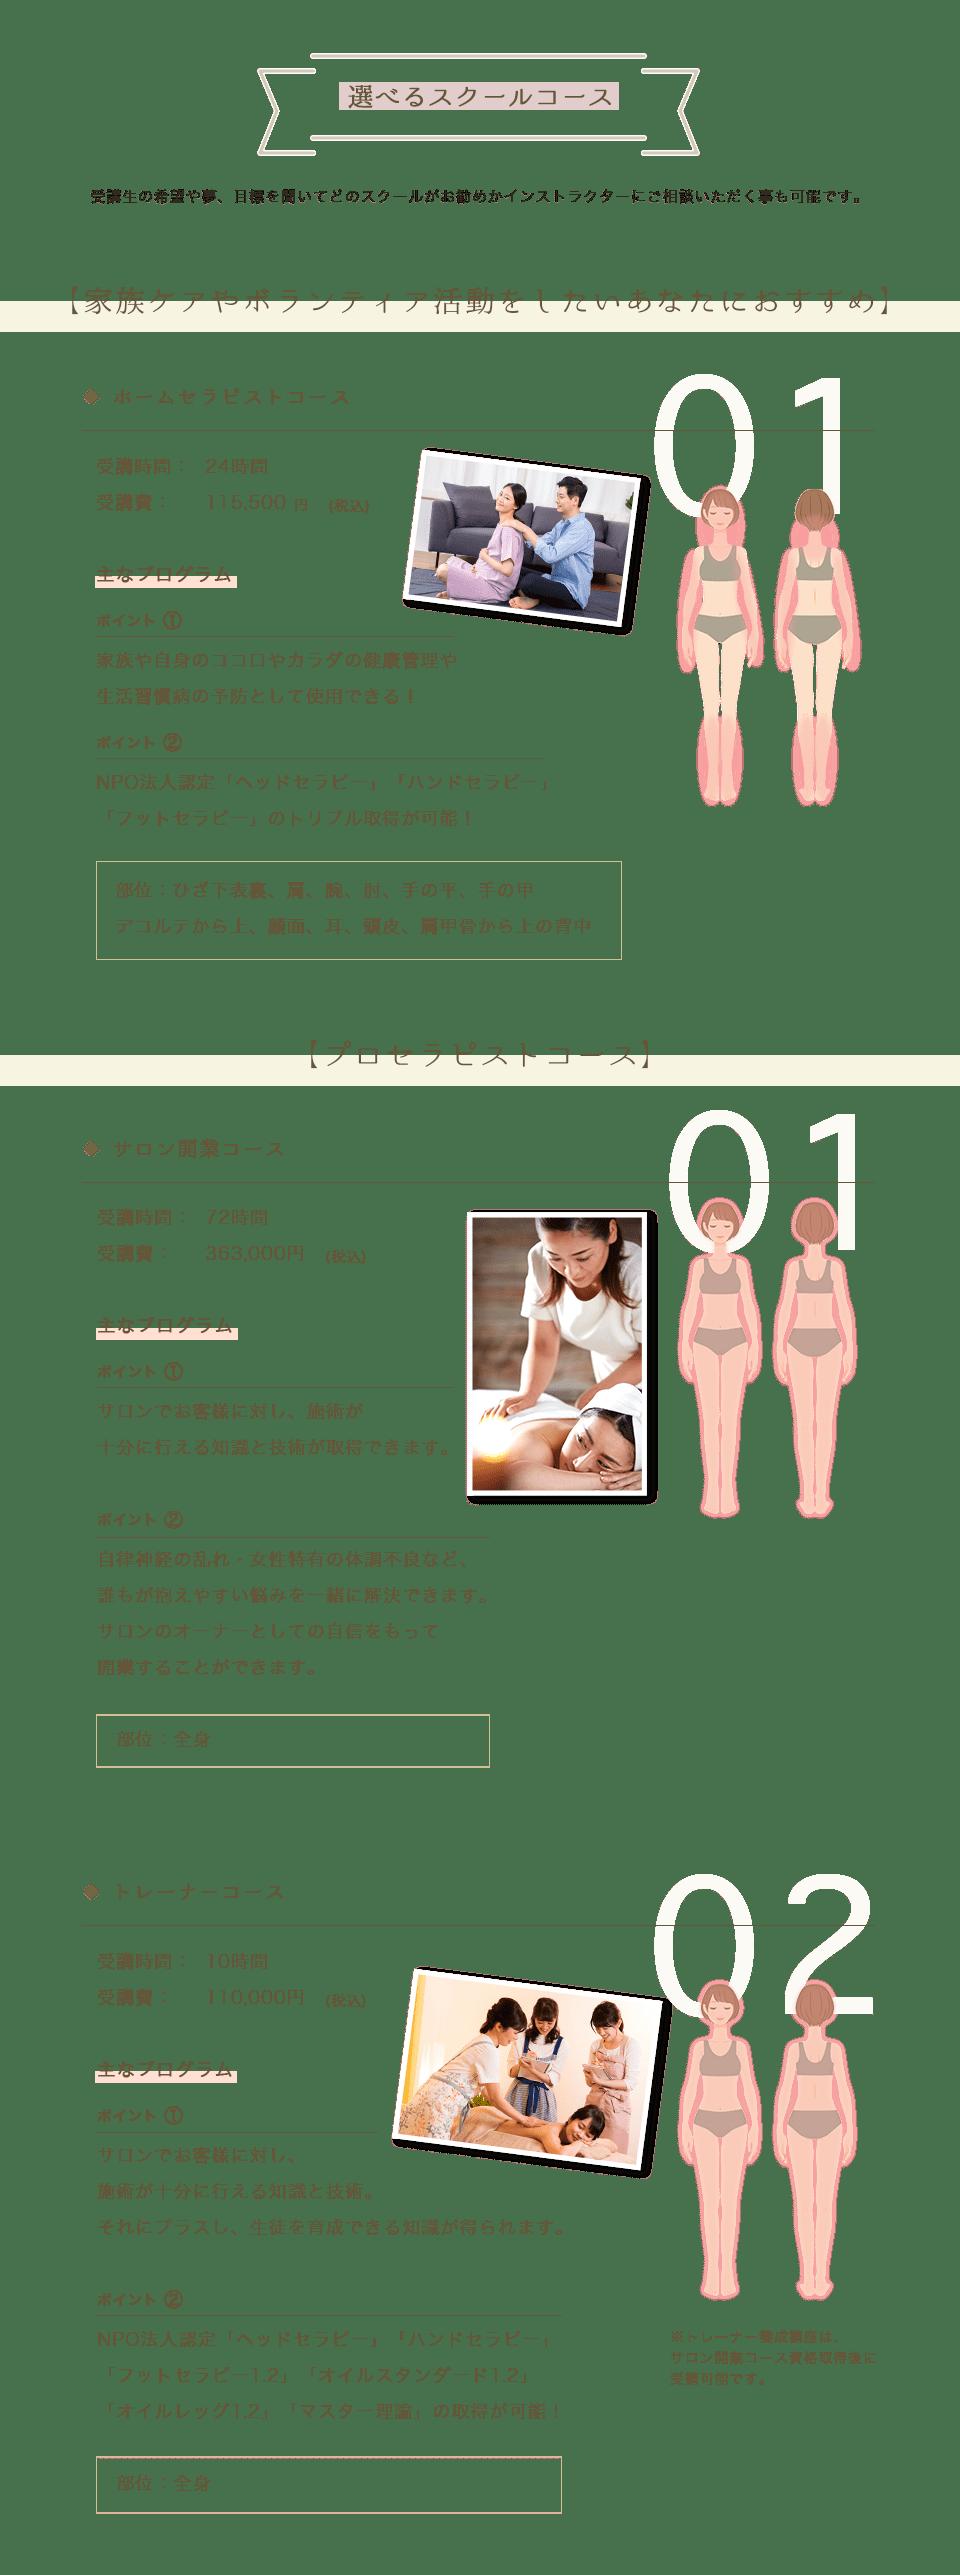 06_contents_06_a